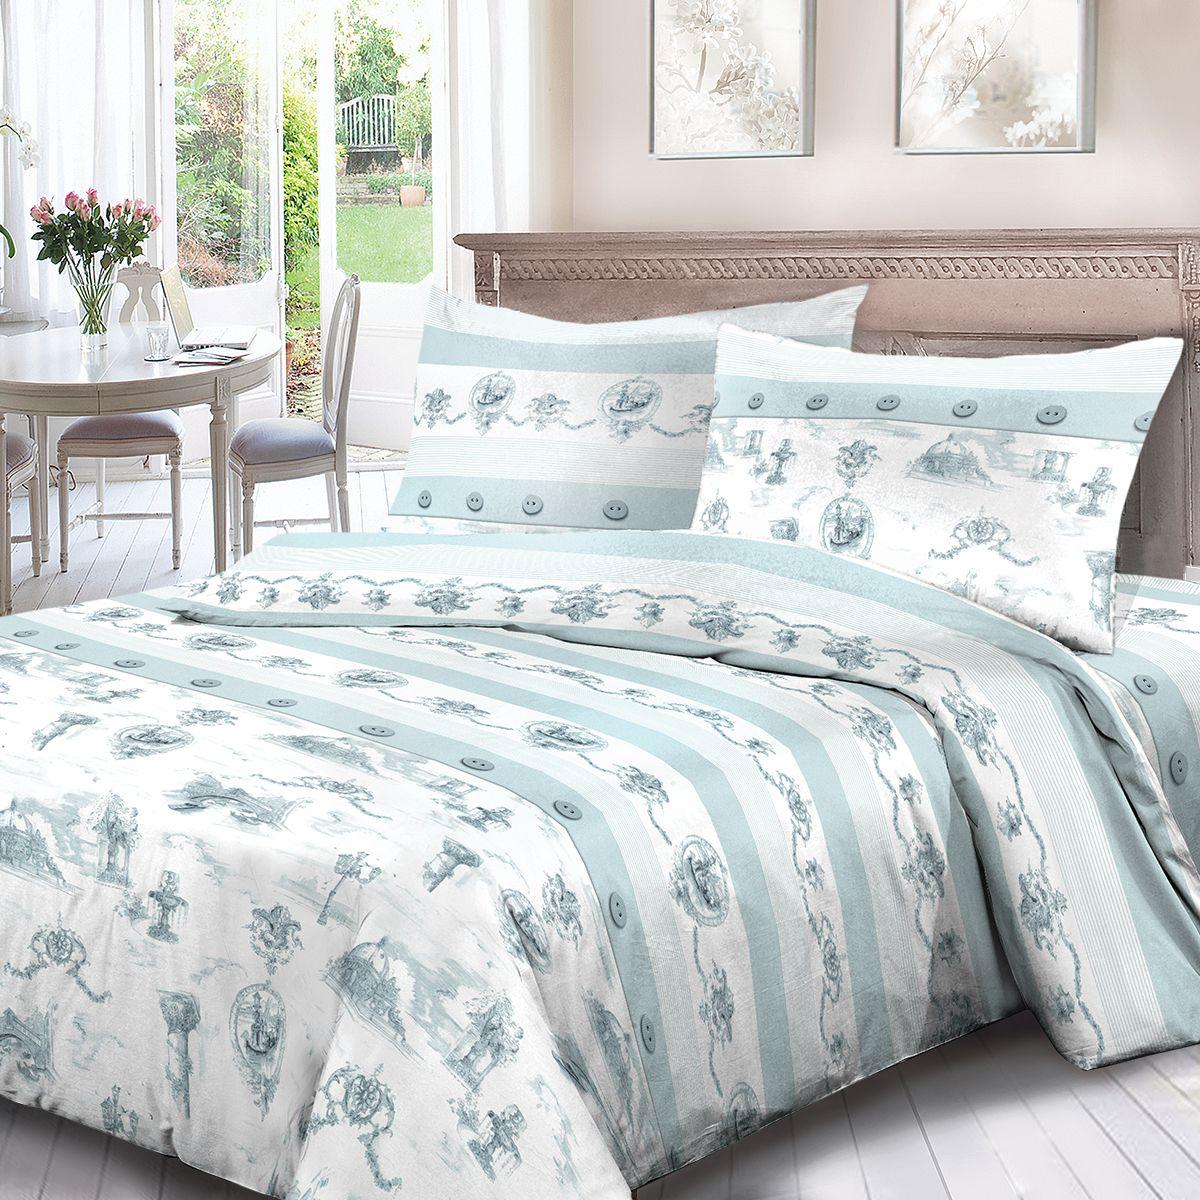 Комплект белья Для Снов Аллея, 1,5 спальное, наволочки 70x70, цвет: зеленый. 3784-186488